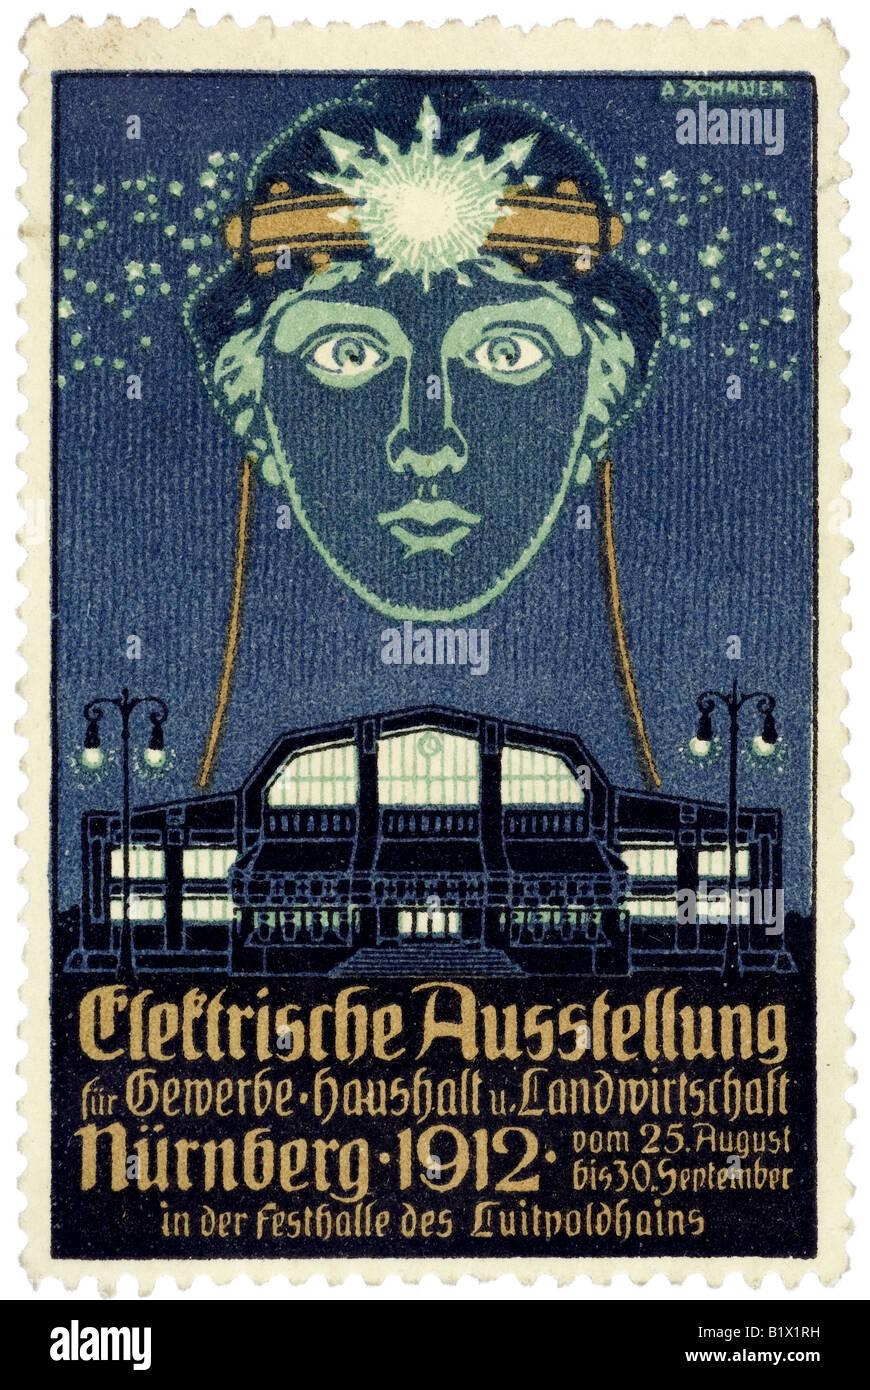 Elektrische Ausstellung für Gewerbe, Haushalt und Lanswirtschaft, Nürnberg 1912, vom 25 August bis 30. September, Stock Photo